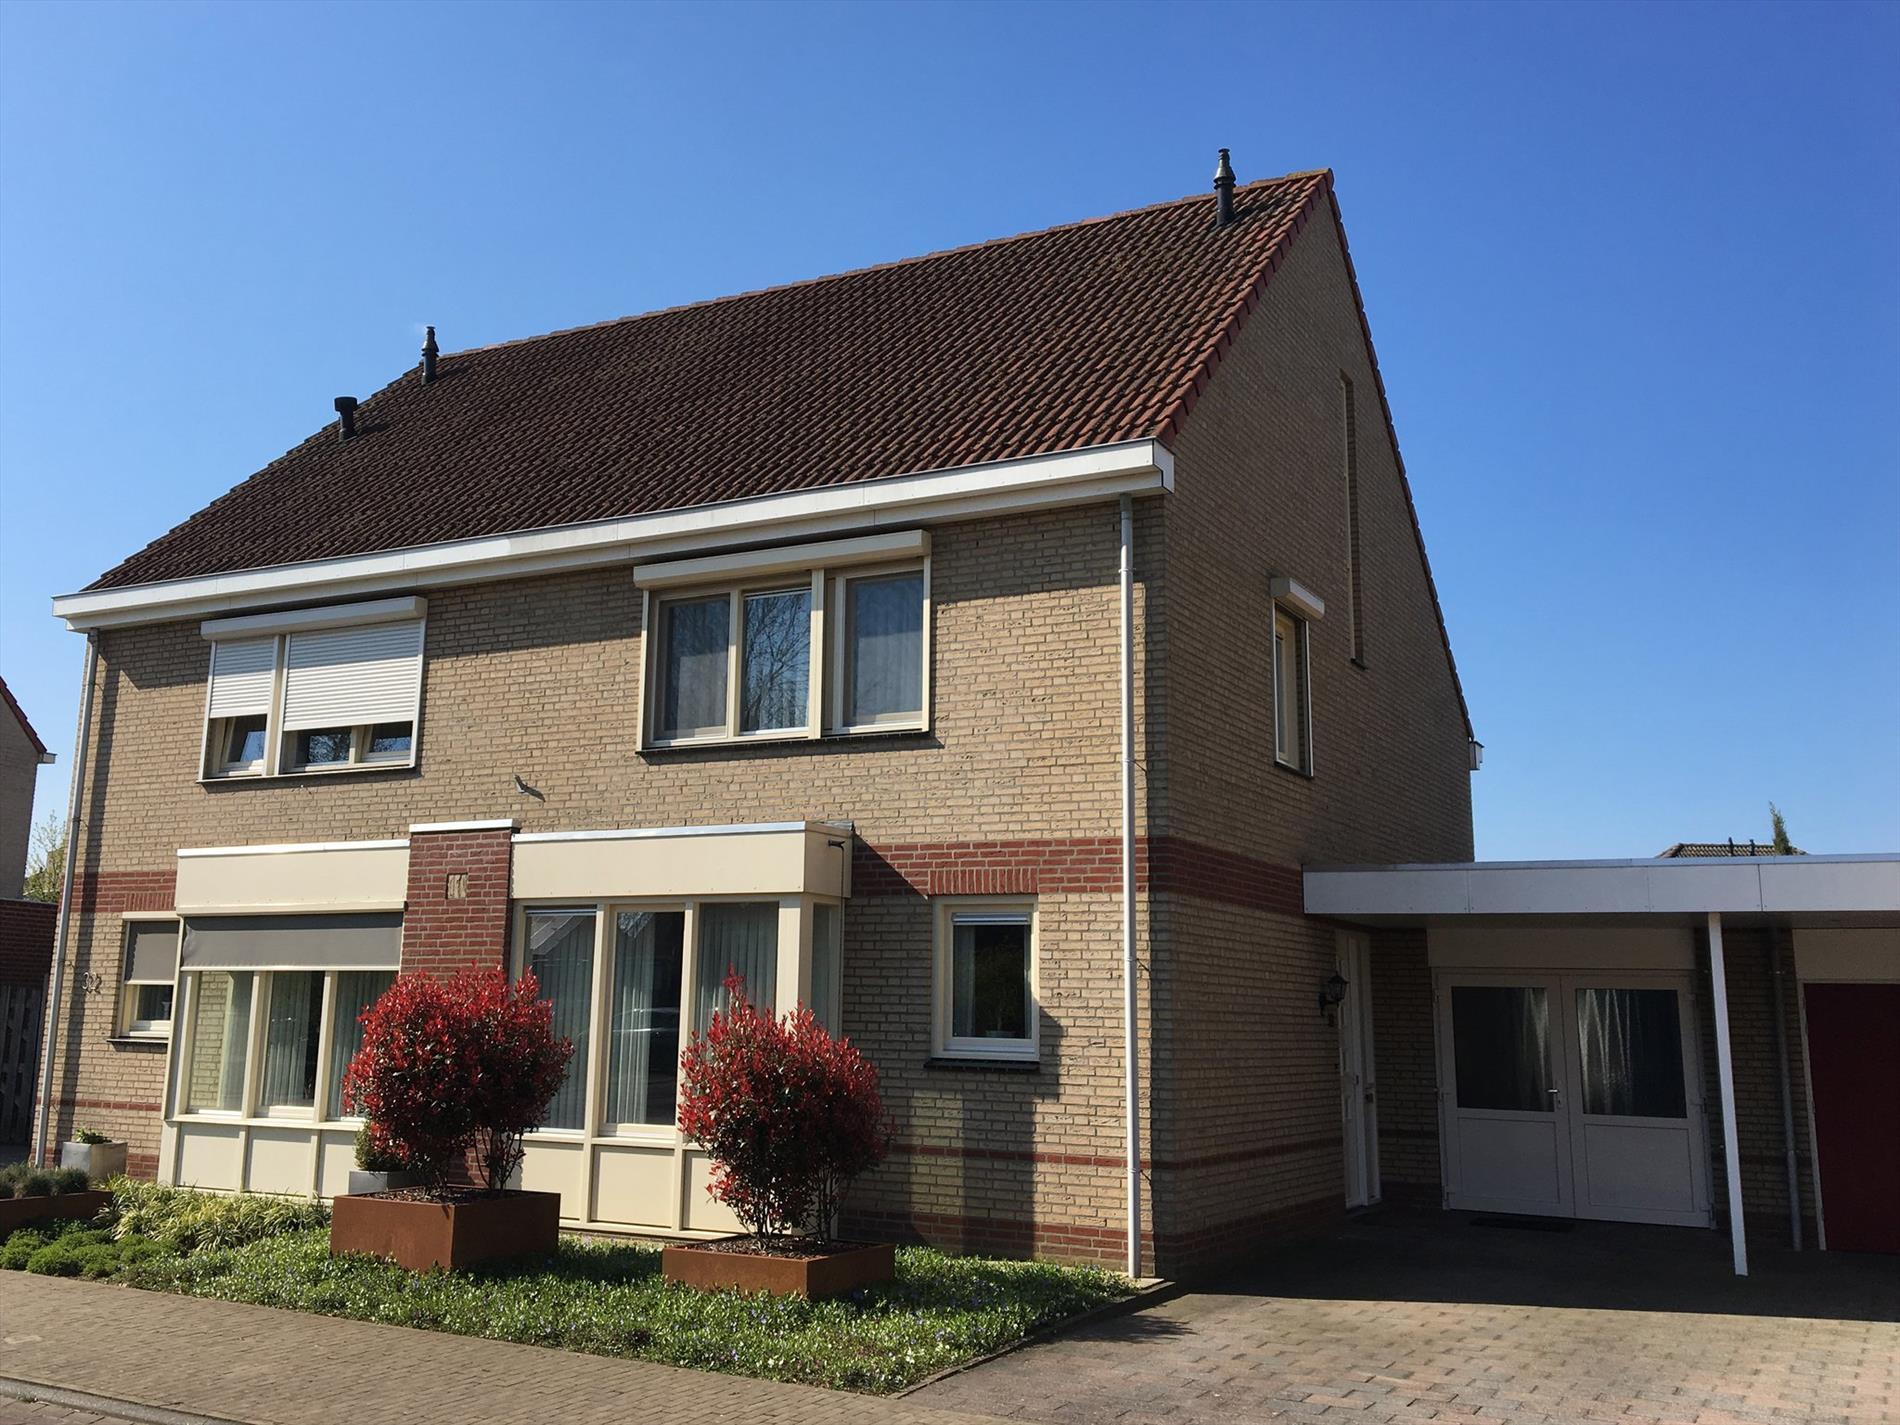 Koopwoningen Horst  Huis te koop in Horst